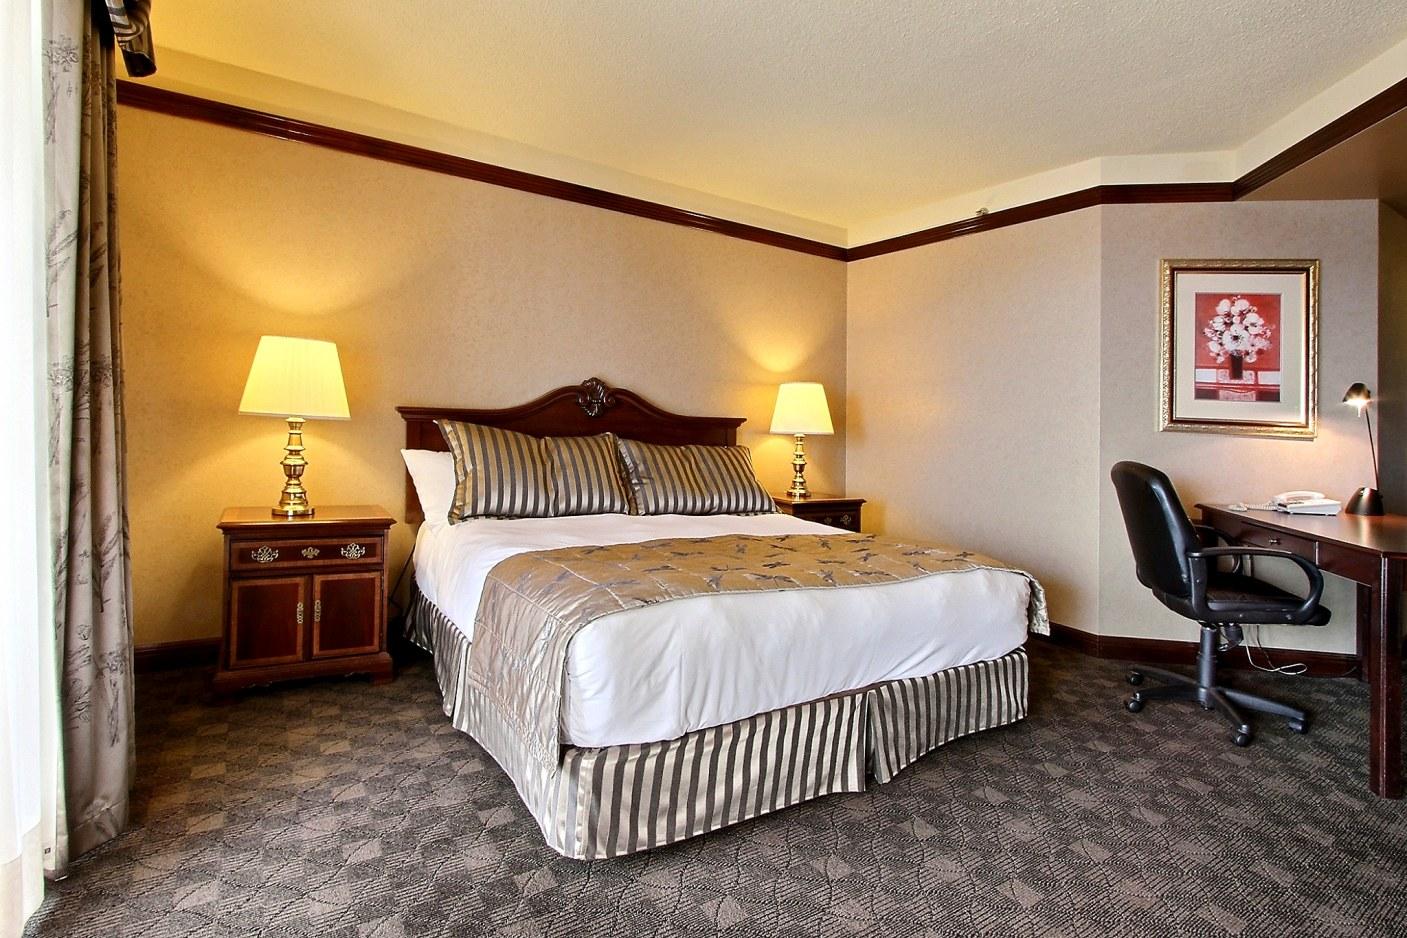 Hotel-boulevard-laurier-quebec-king-étages-supérieurs